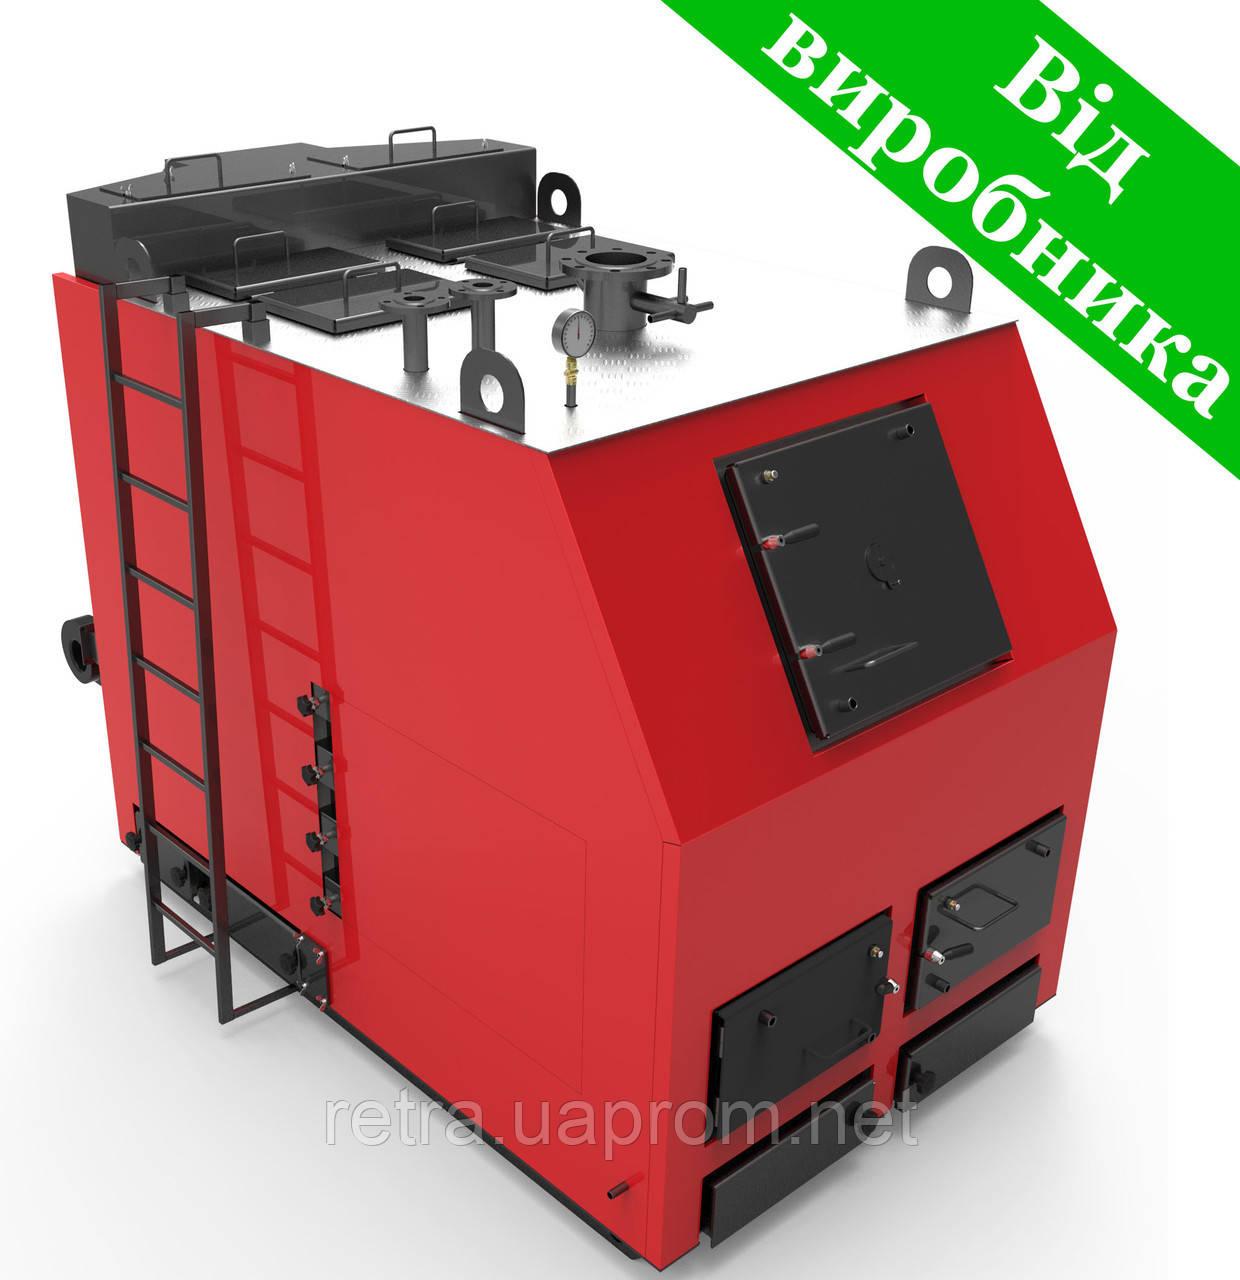 Котел твердотопливный Ретра-3М 800 кВт промышленный длительного горения